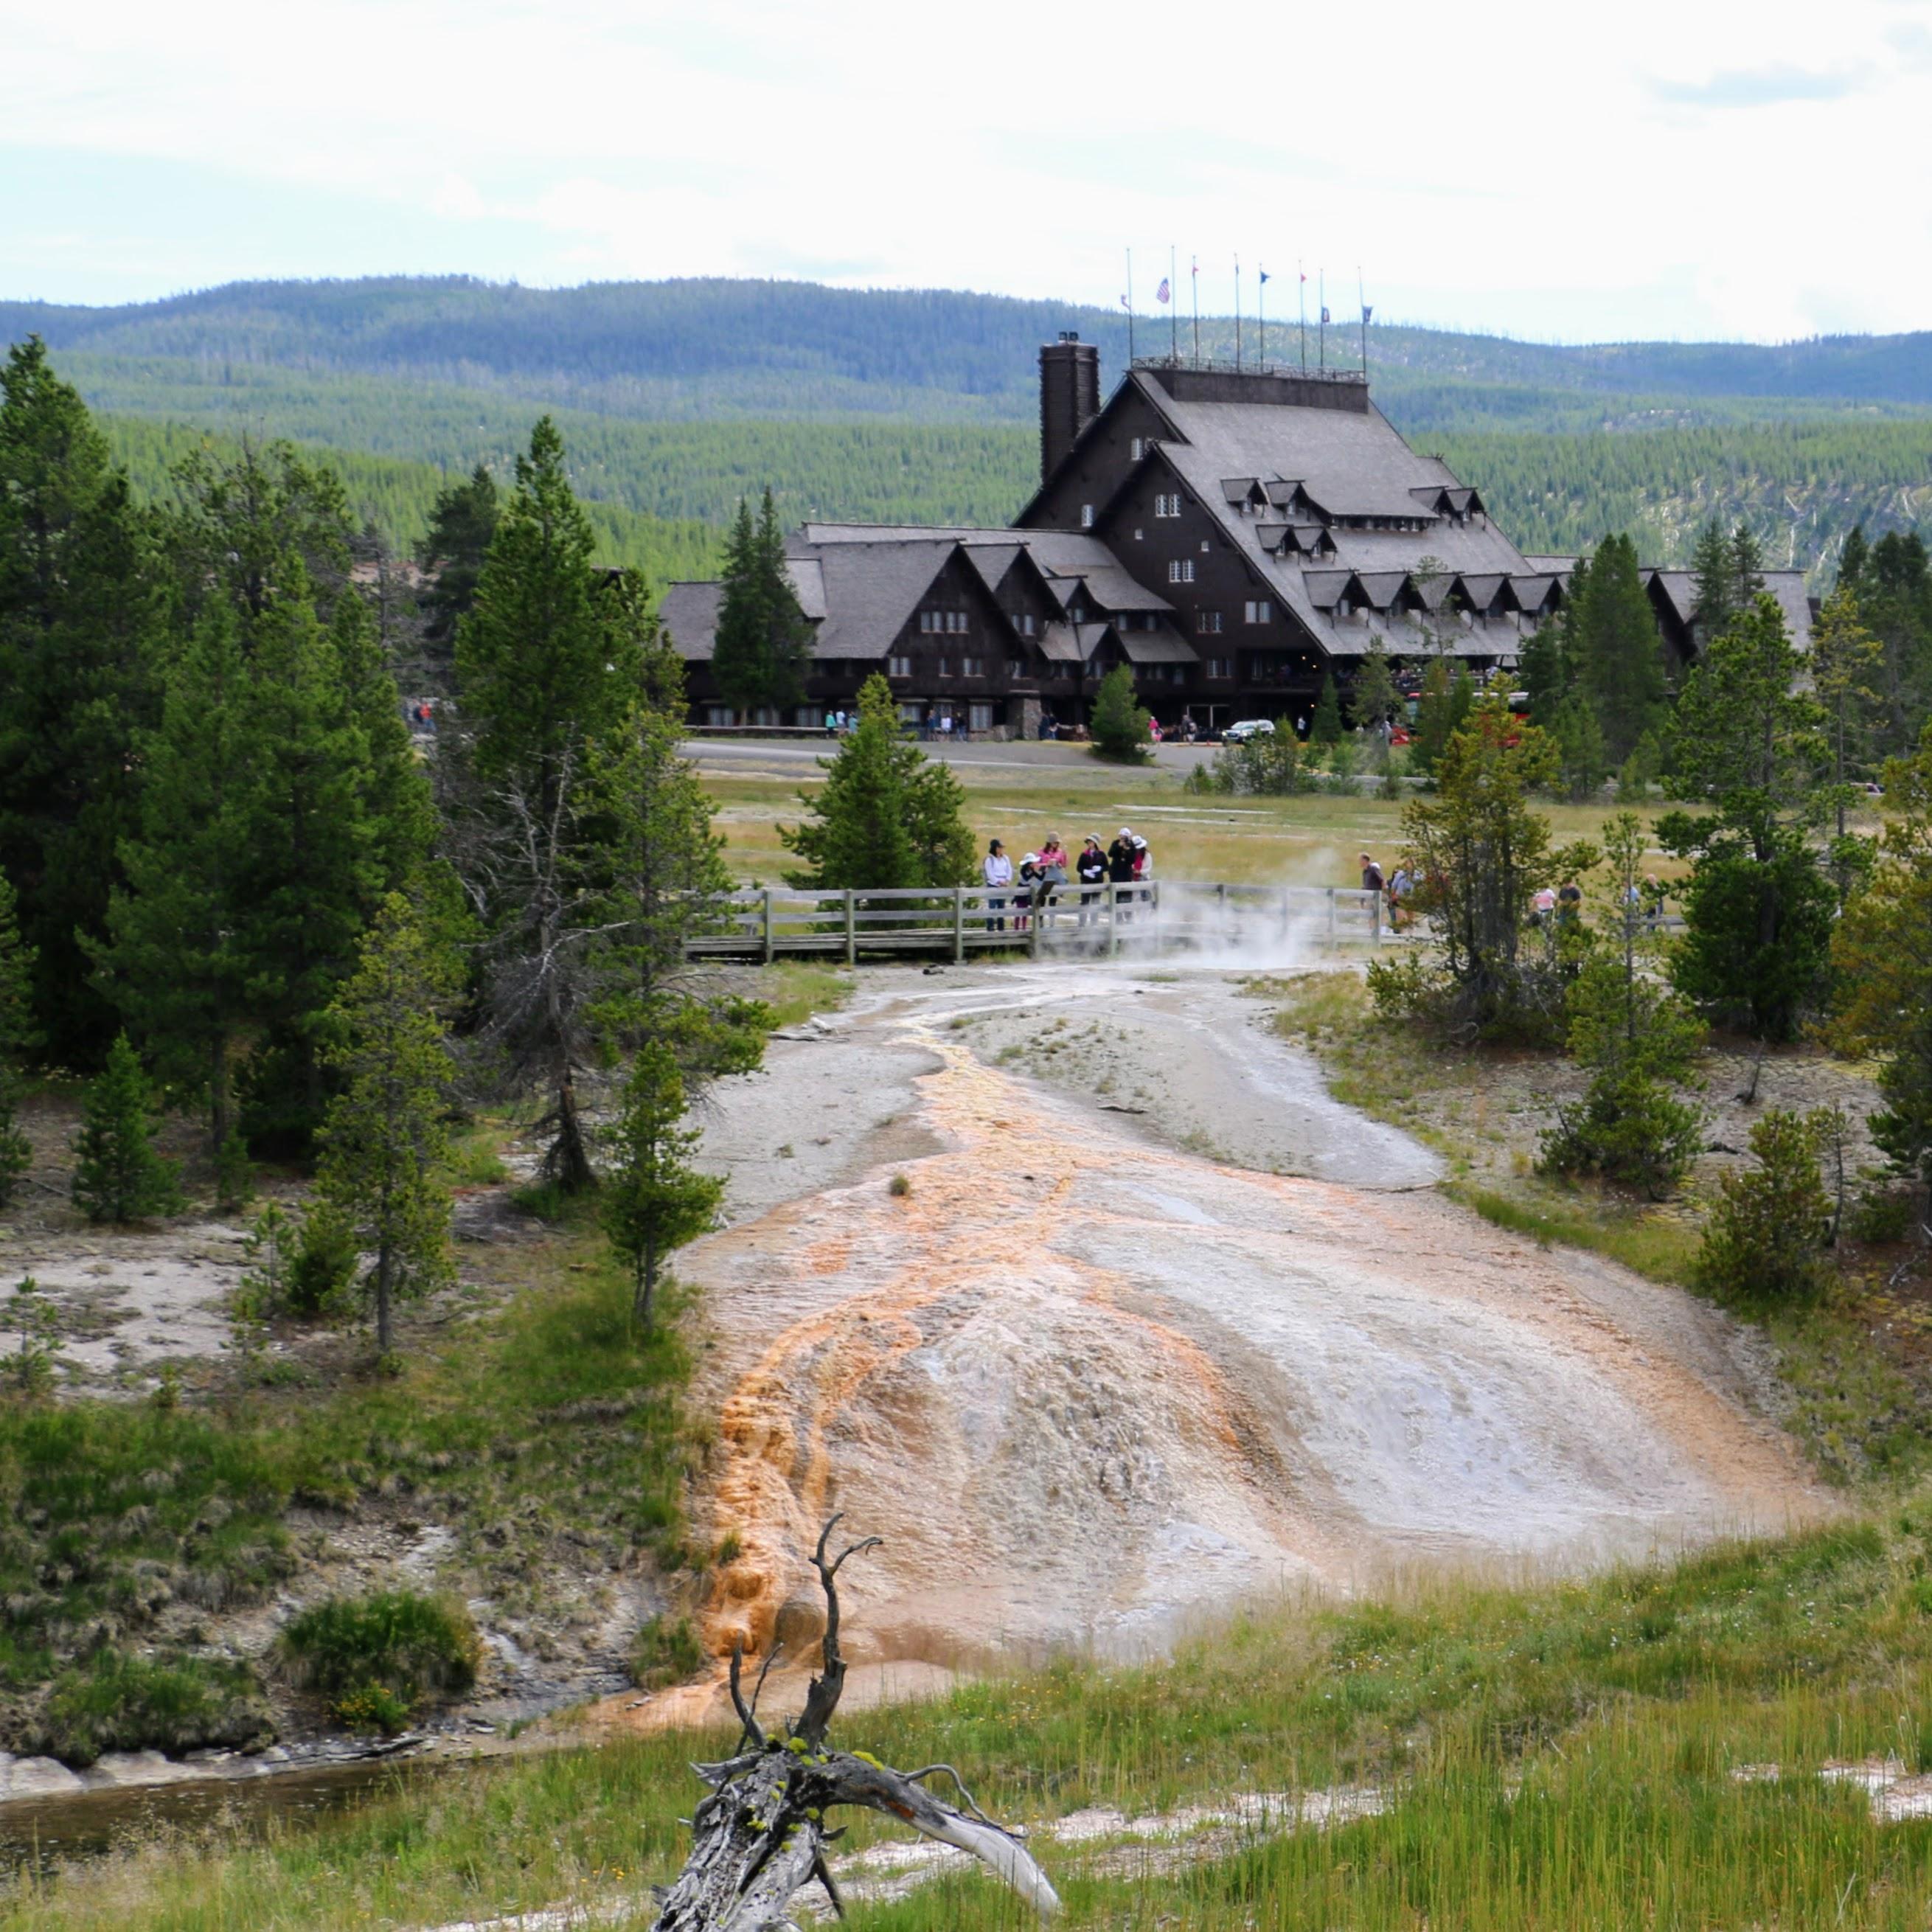 Yellowstone waar overnachten?